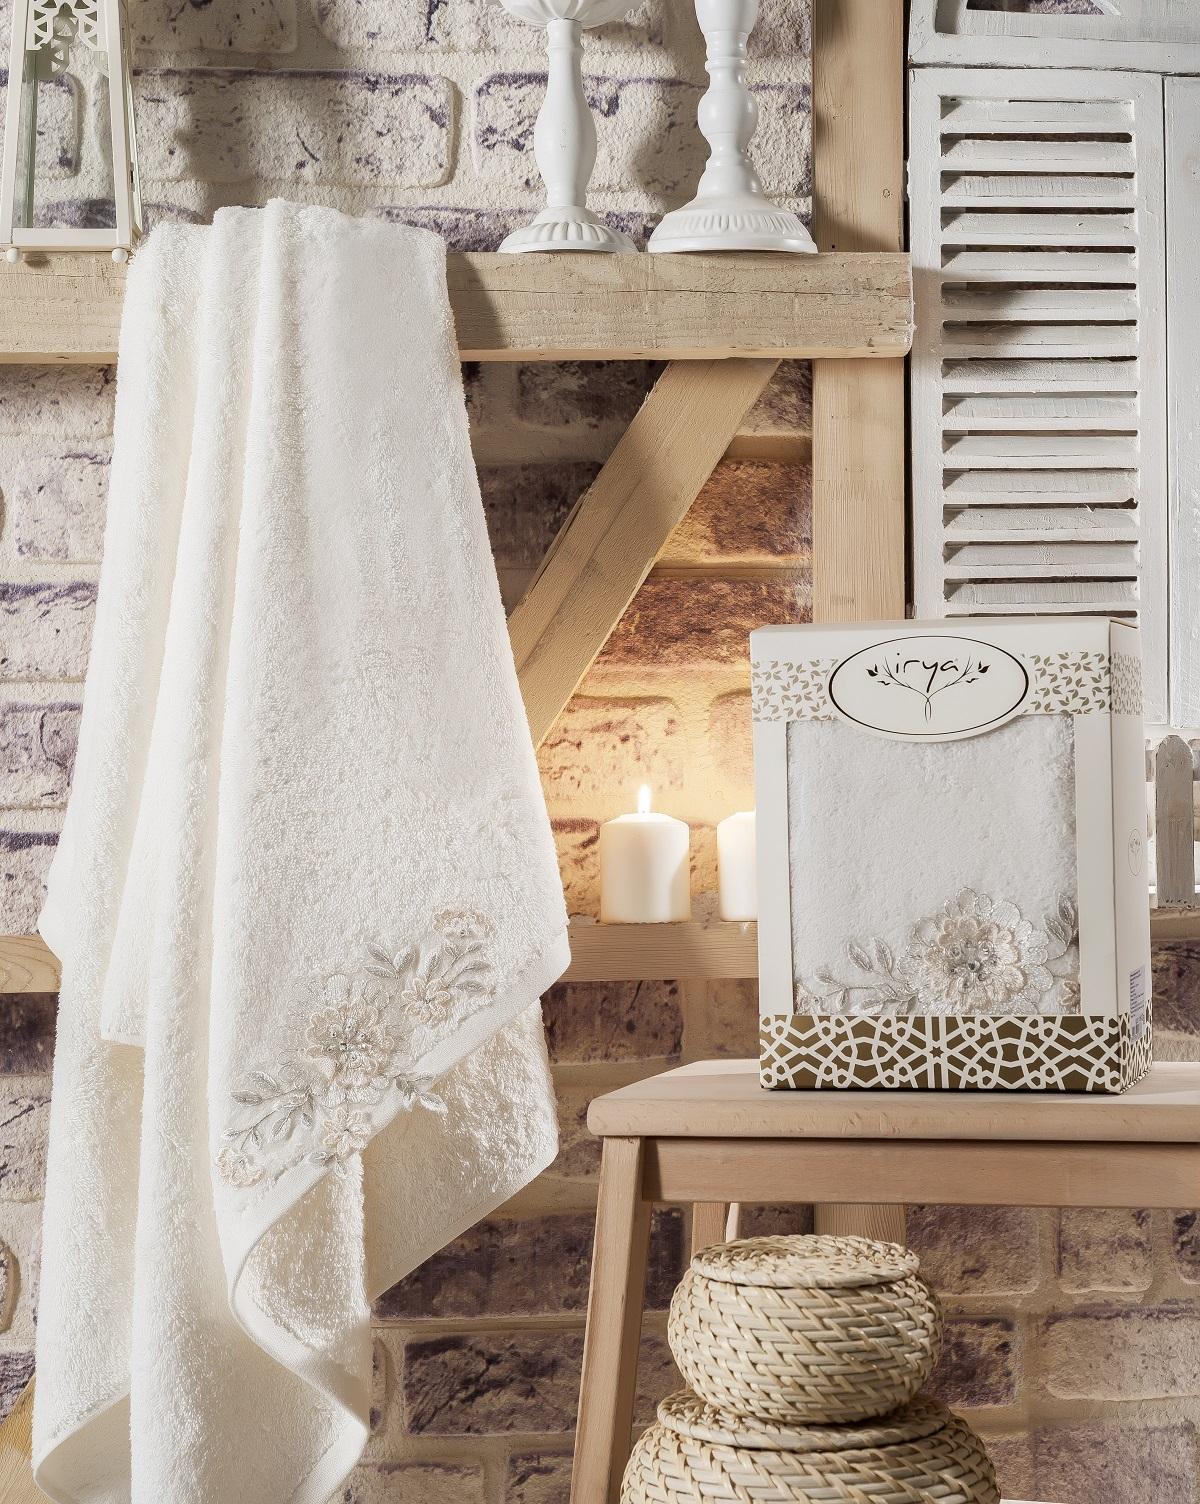 Купить Полотенца IRYA, Полотенце Delicia Цвет: Молочный (85х150 см), Турция, Белый, Махра